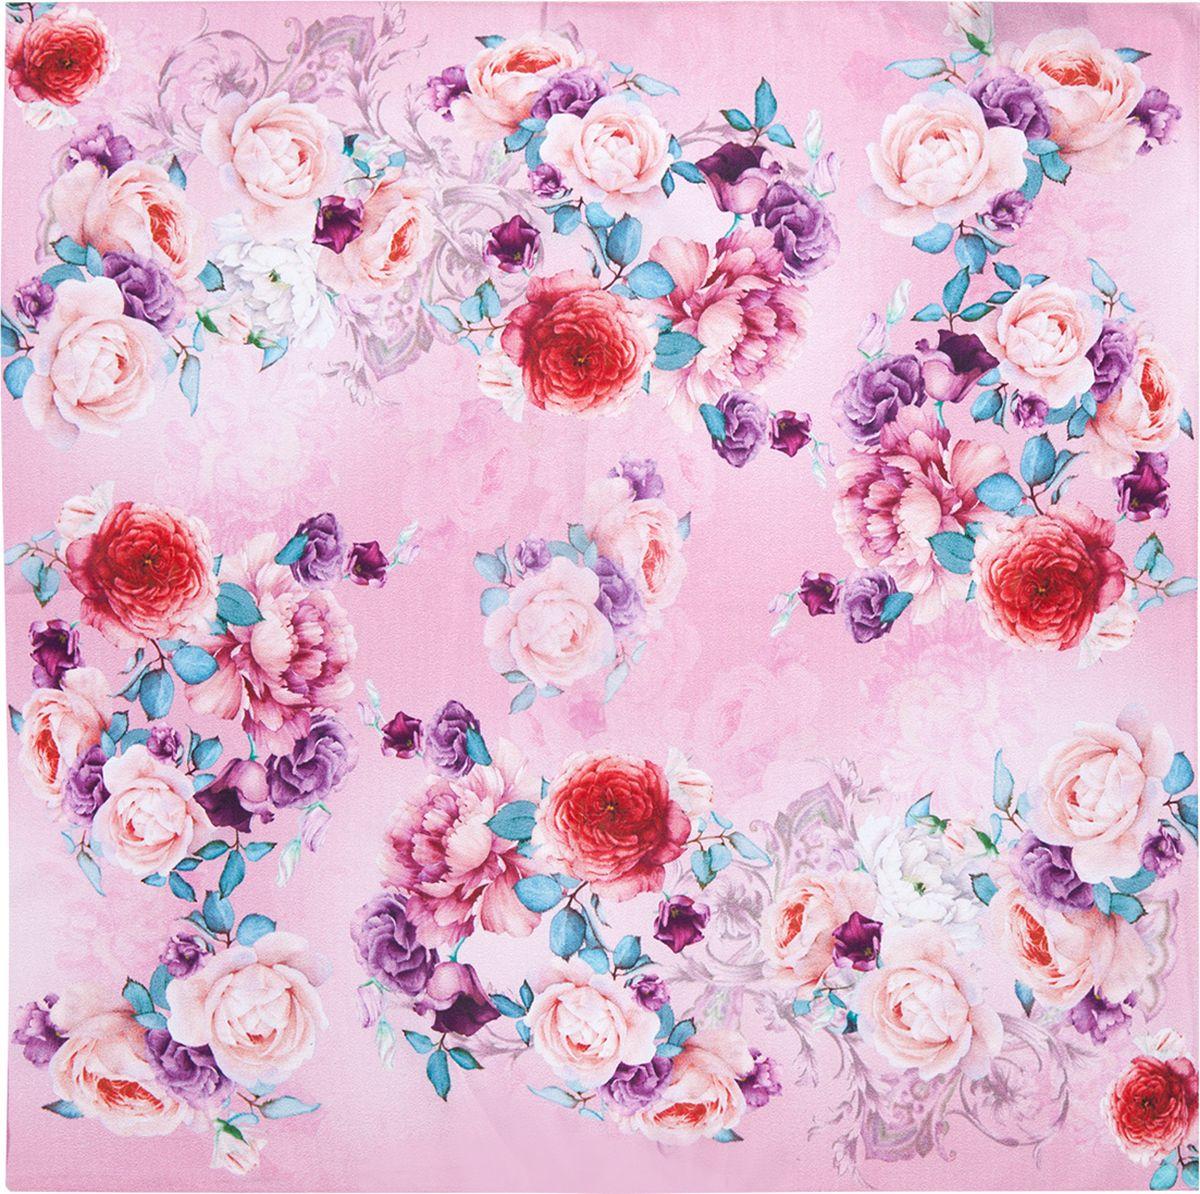 ПлатокSS03-7873Платок Eleganzza выполнен из шелка. Модель оформлена цветочным принтом. Классическая квадратная форма позволяет носить платок на шее, украшать им прическу или декорировать сумочку.